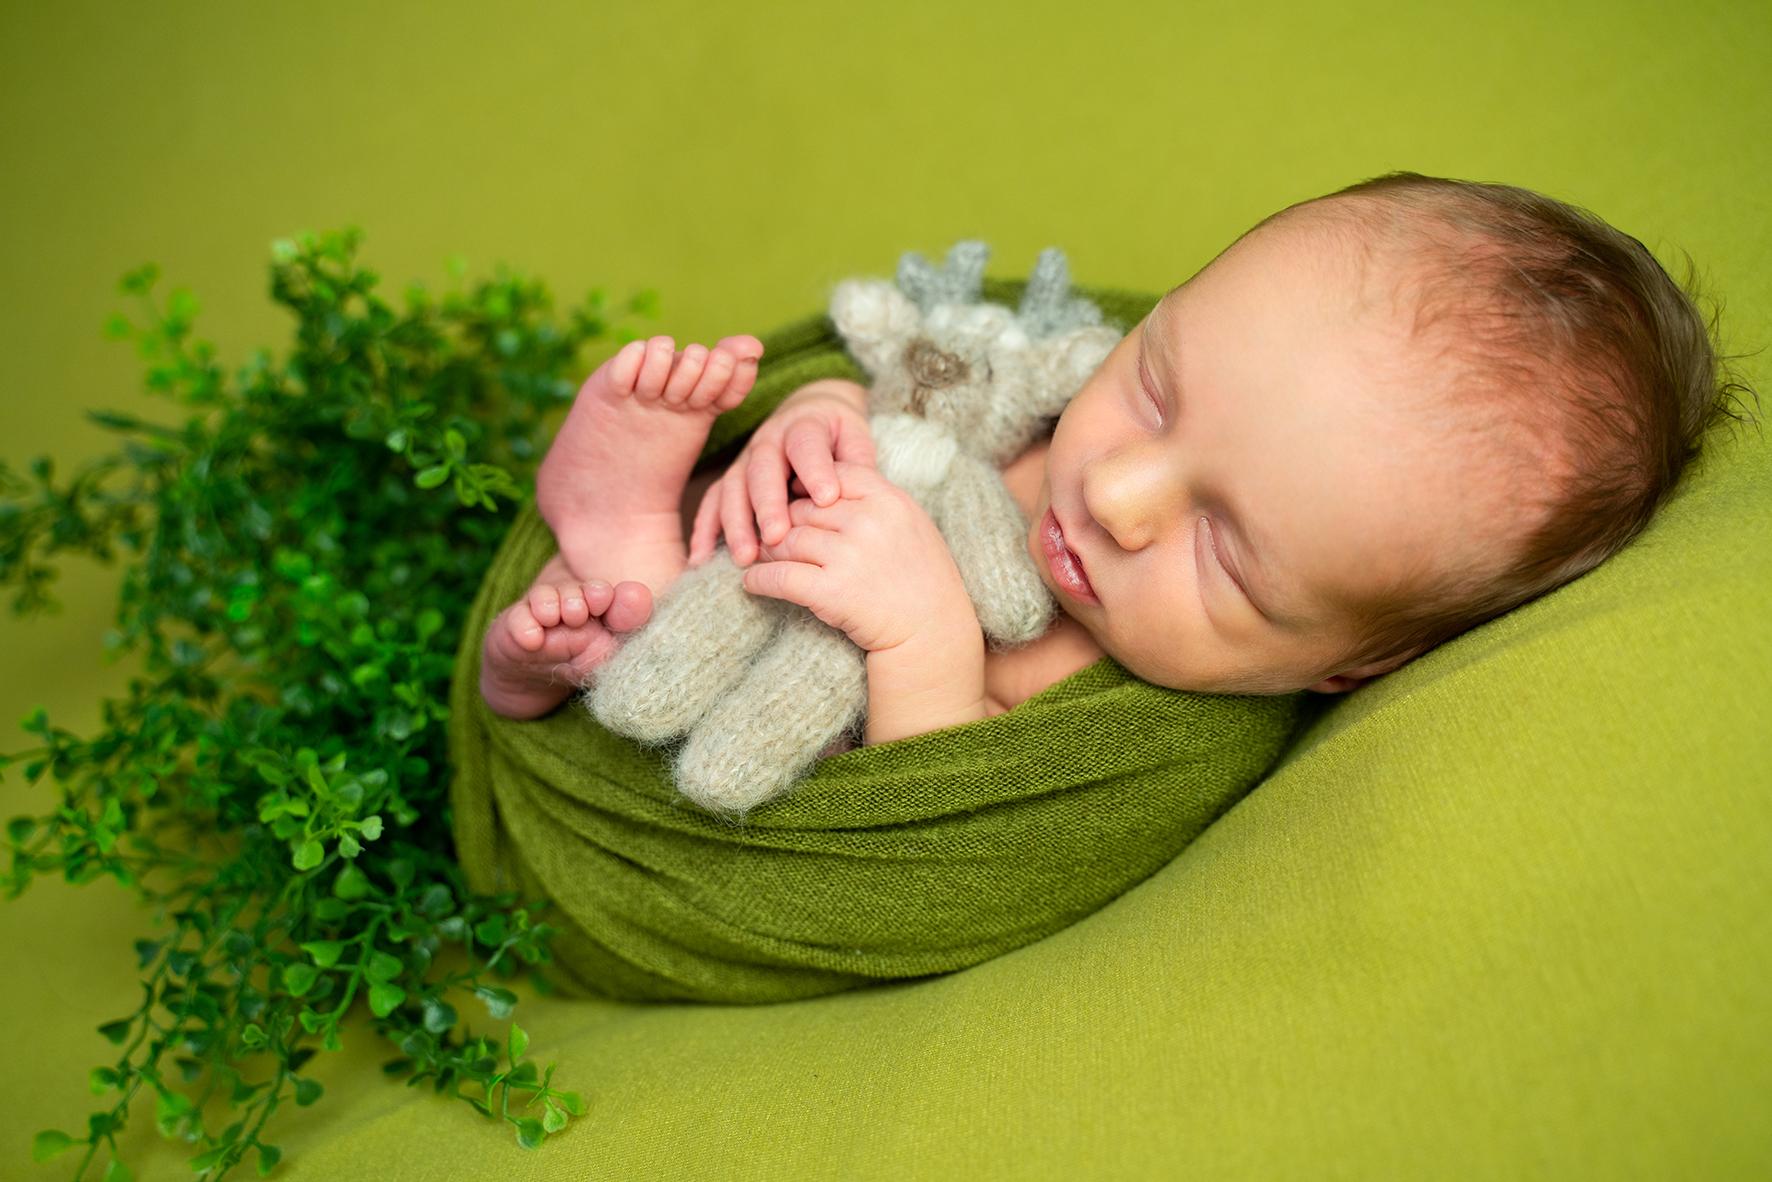 Fotografin in Bremen für Neugeborenenbilder Babyfotos Besondere Sets